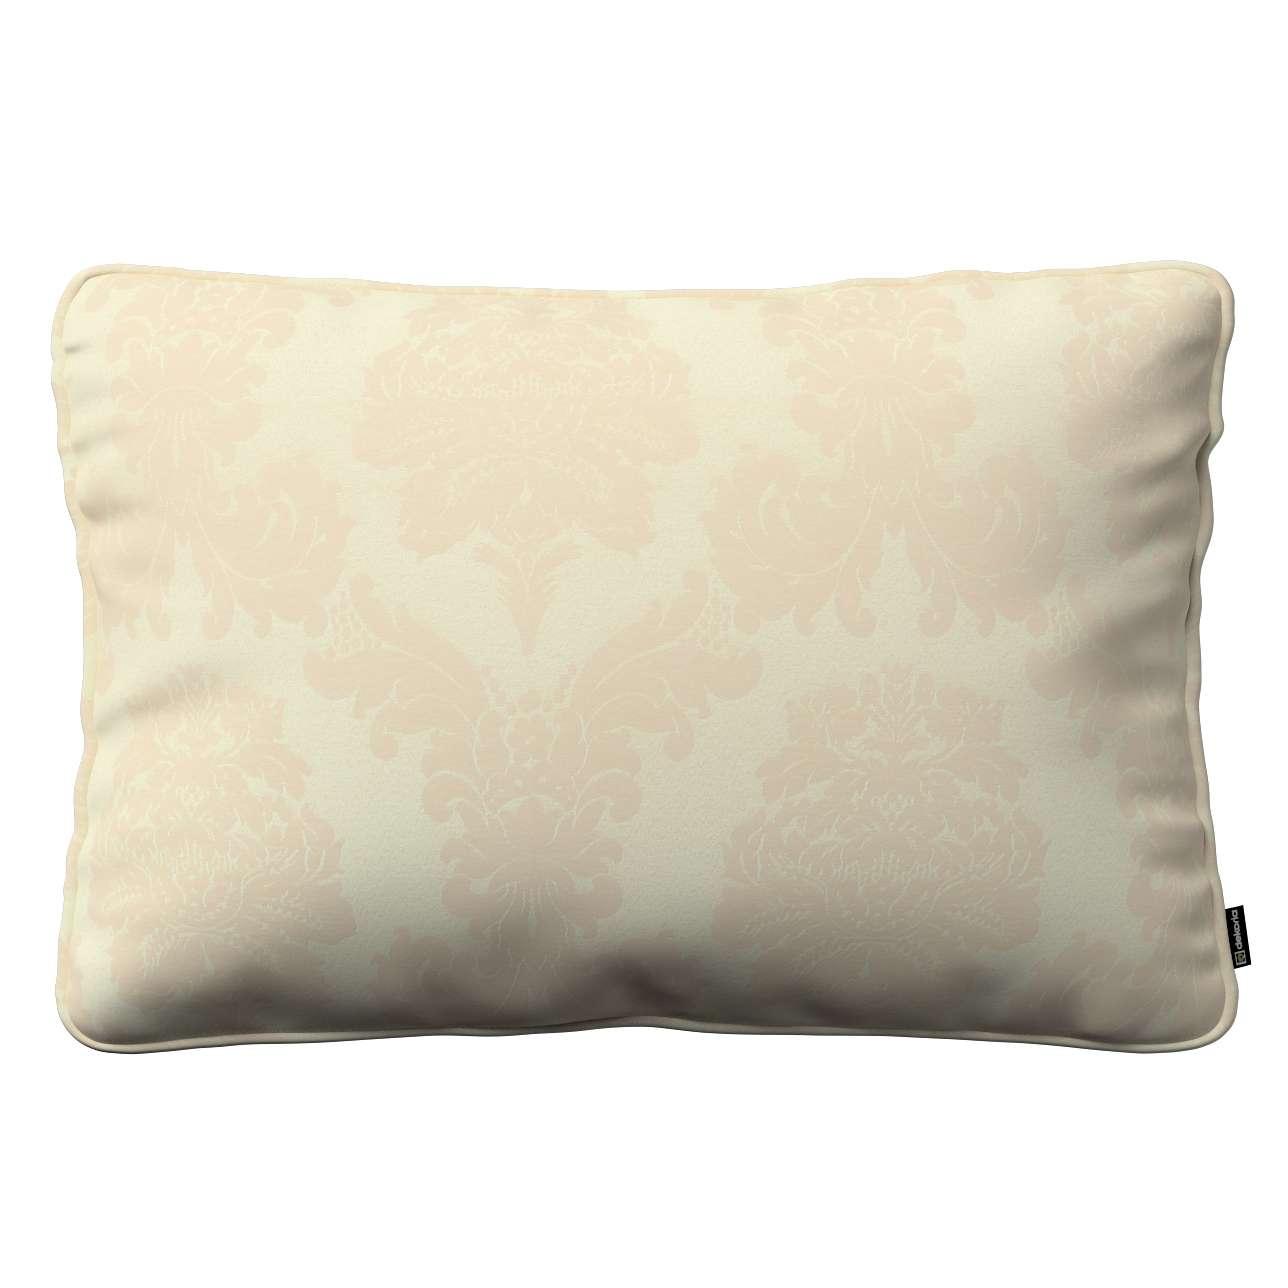 Poszewka Gabi na poduszkę prostokątna 60 x 40 cm w kolekcji Damasco, tkanina: 613-01